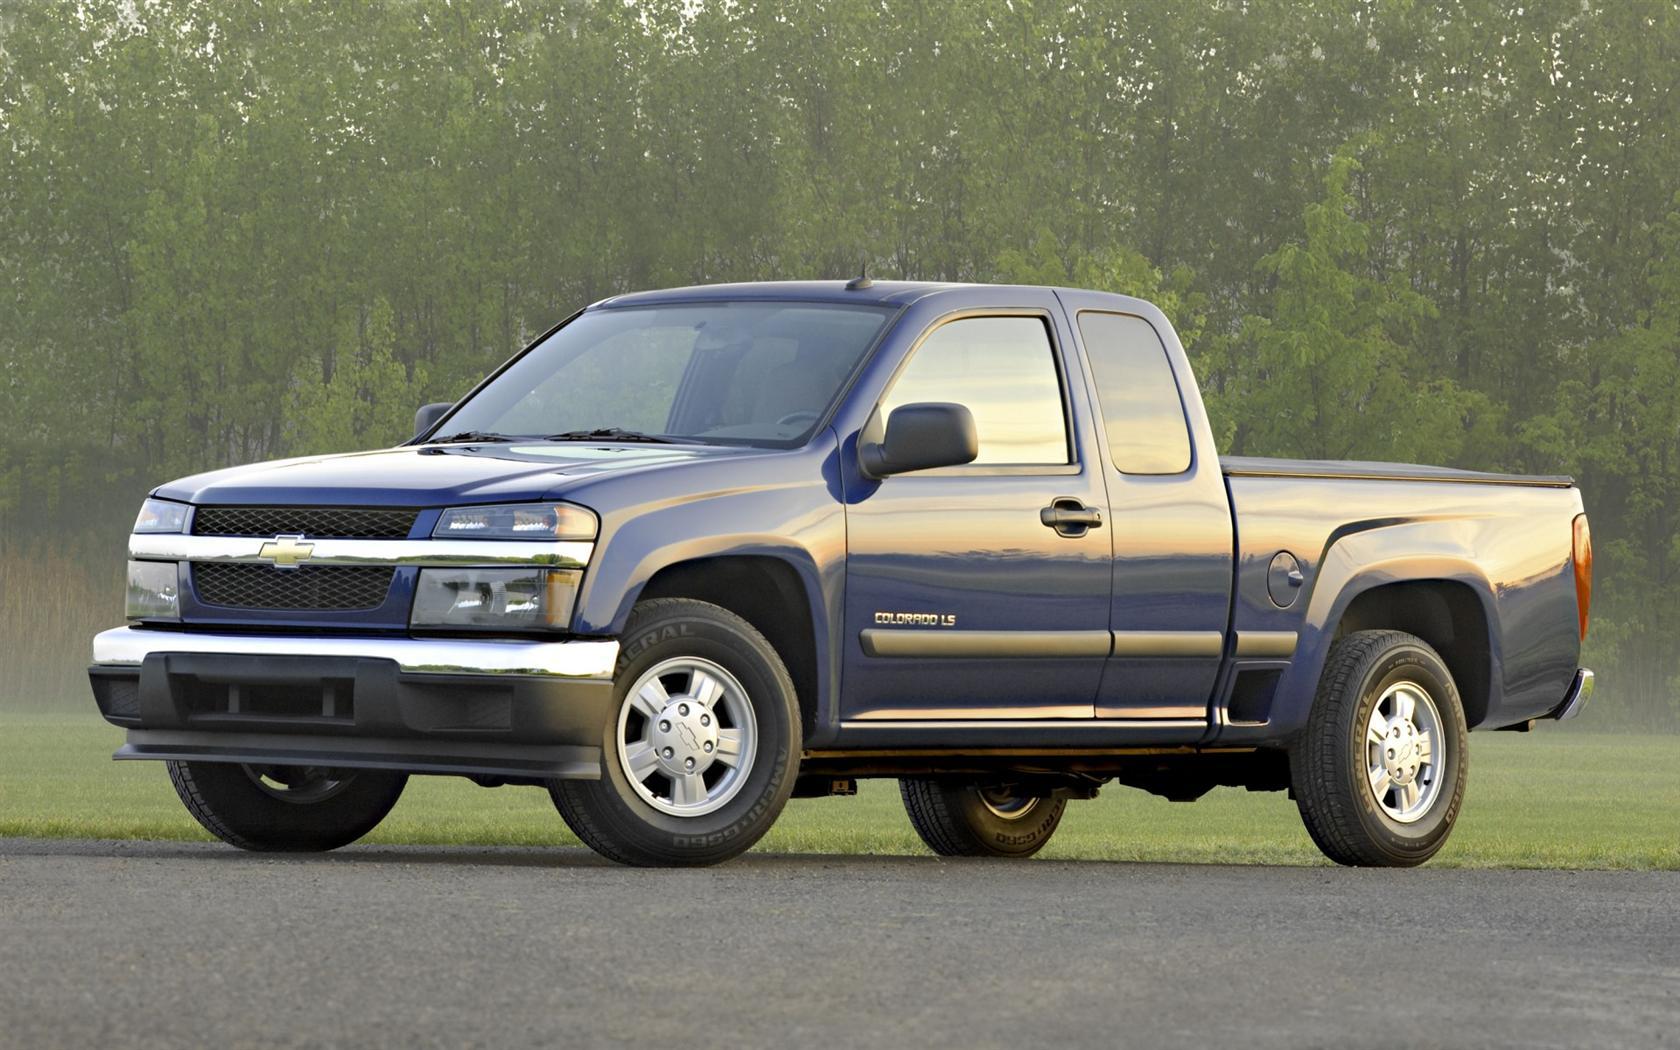 2004 Chevrolet Colorado Image